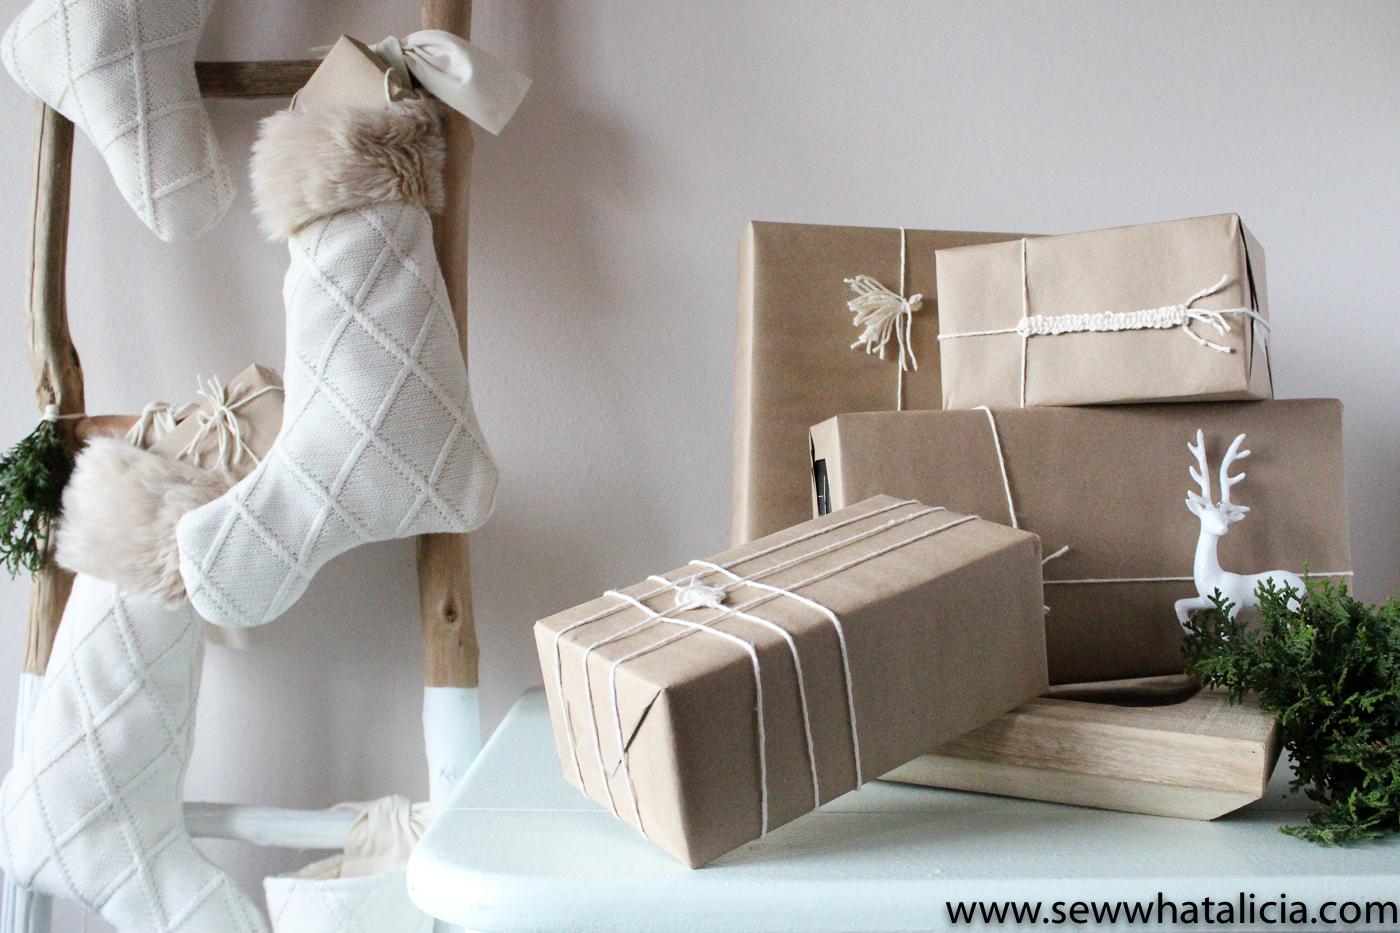 www.sewwhatalicia.com